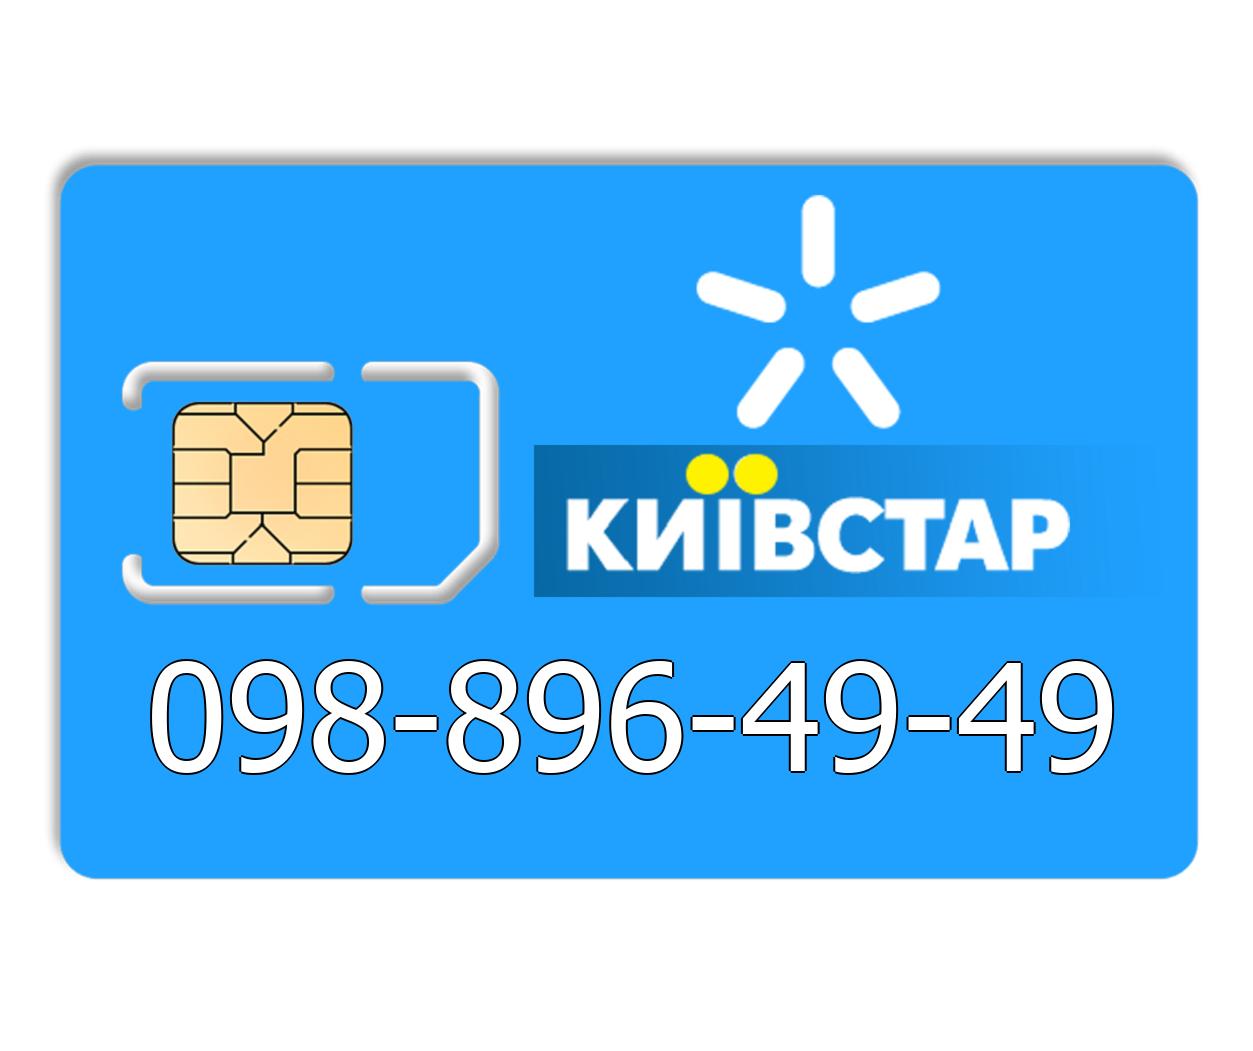 Красивый номер Киевстар 098-896-49-49